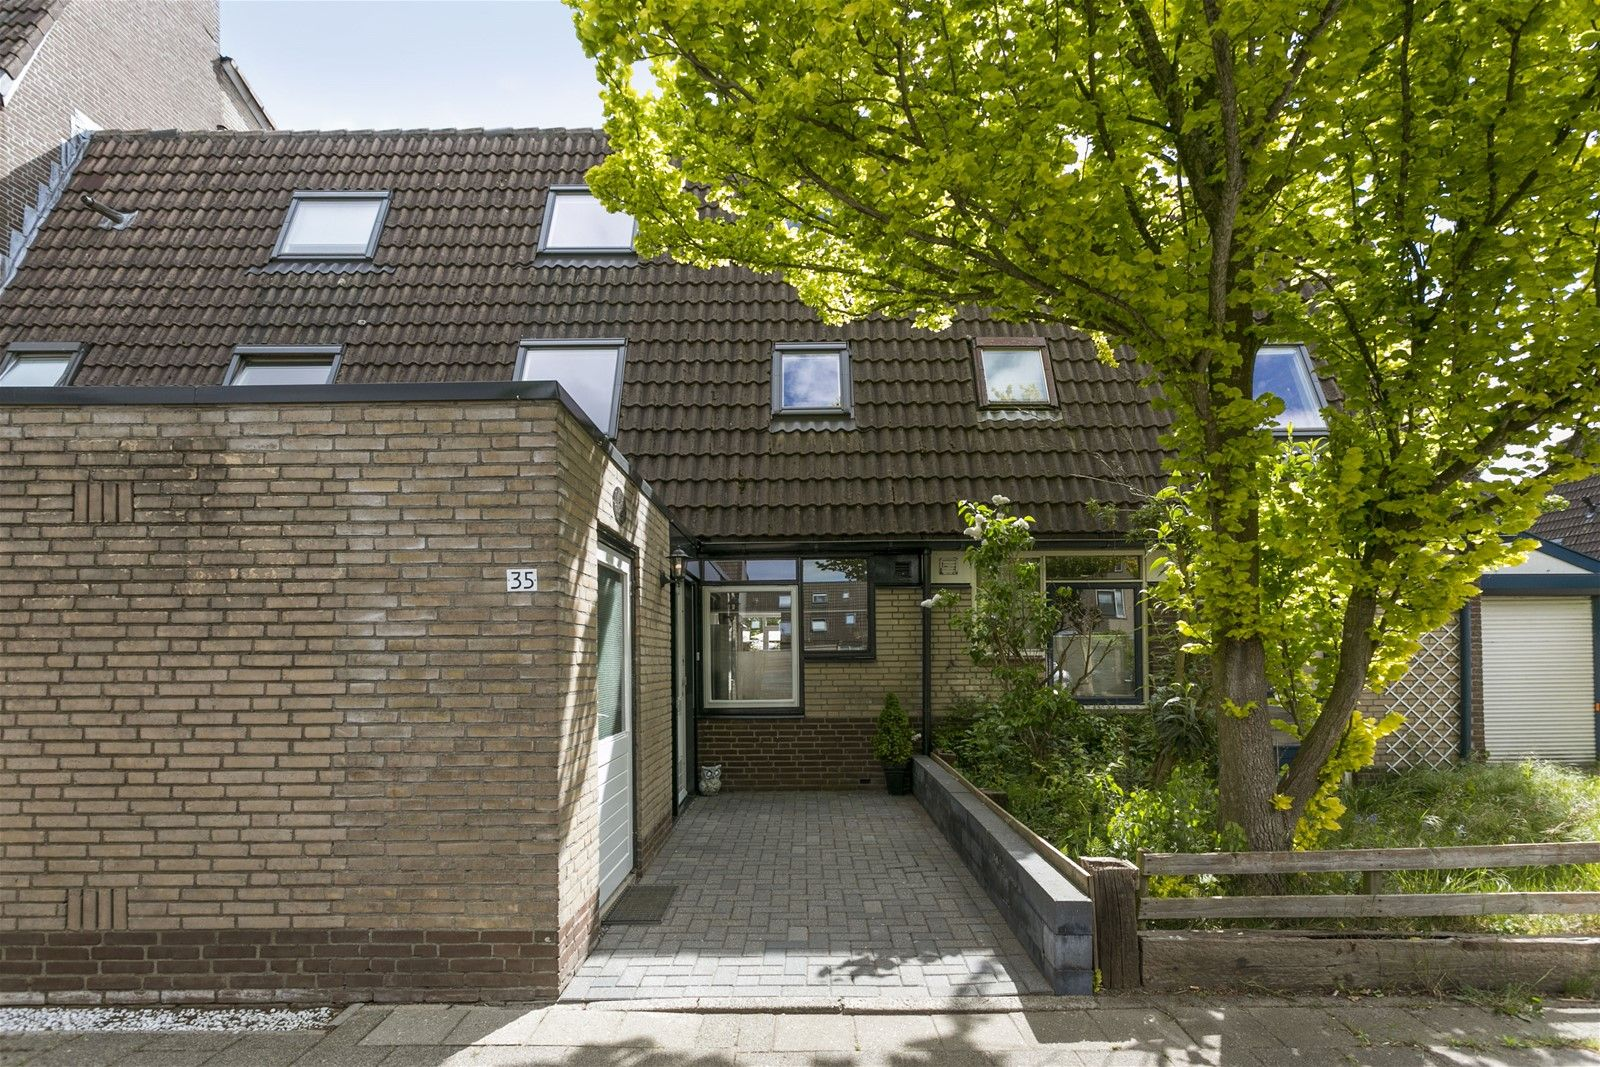 Hoefbladmeen 35, Harderwijk